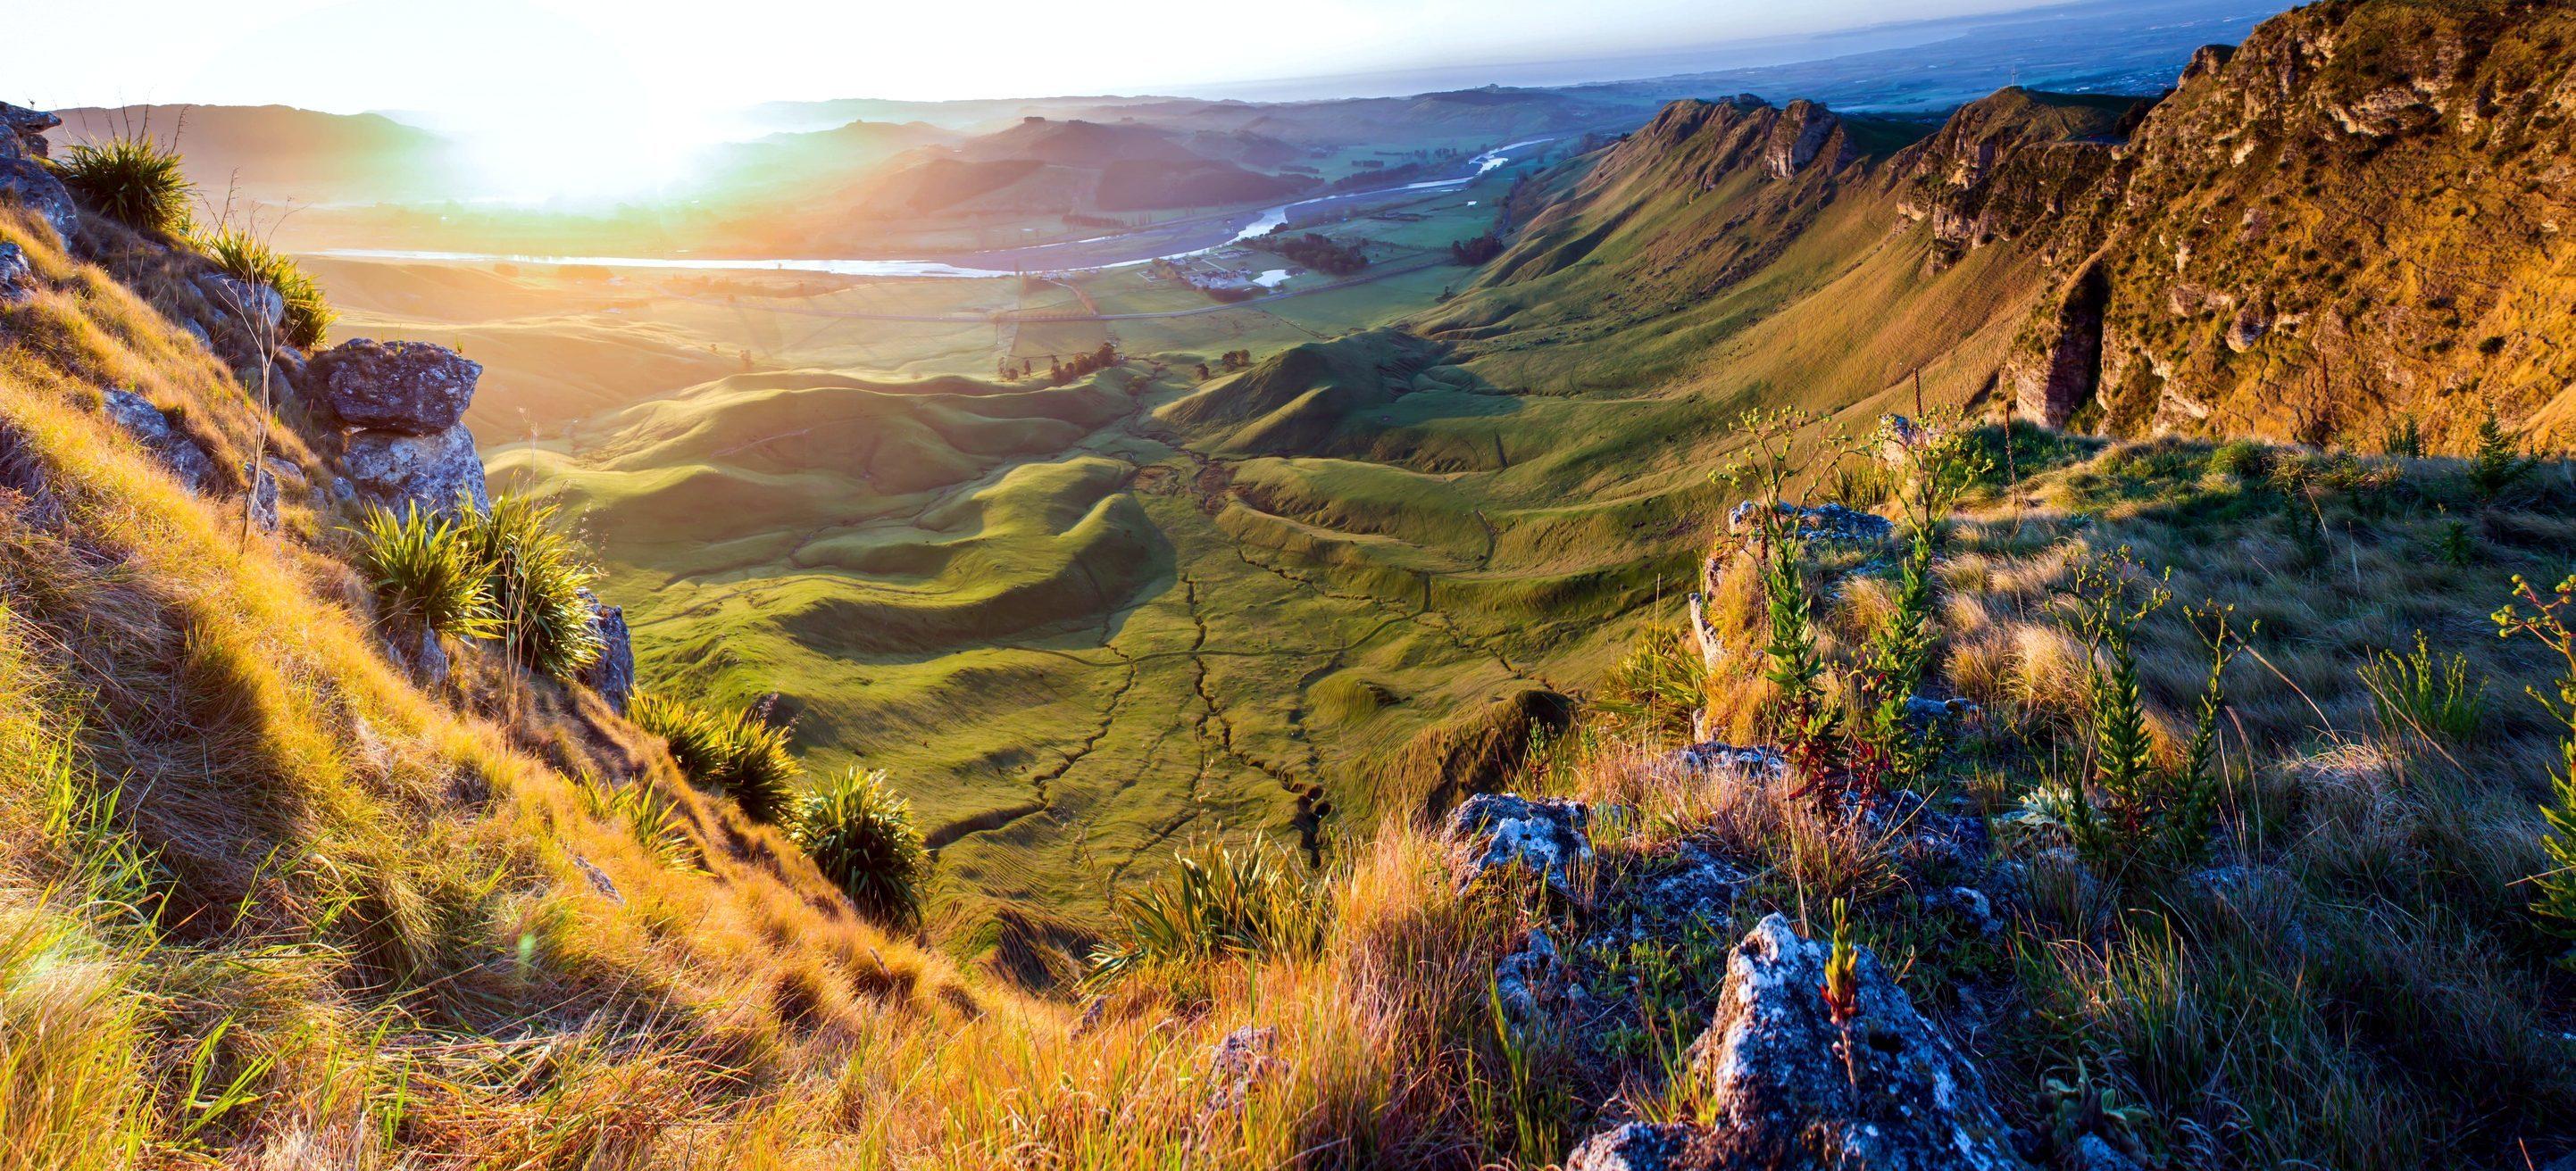 Kostenlose Bild: Berge, Tal, Landschaft